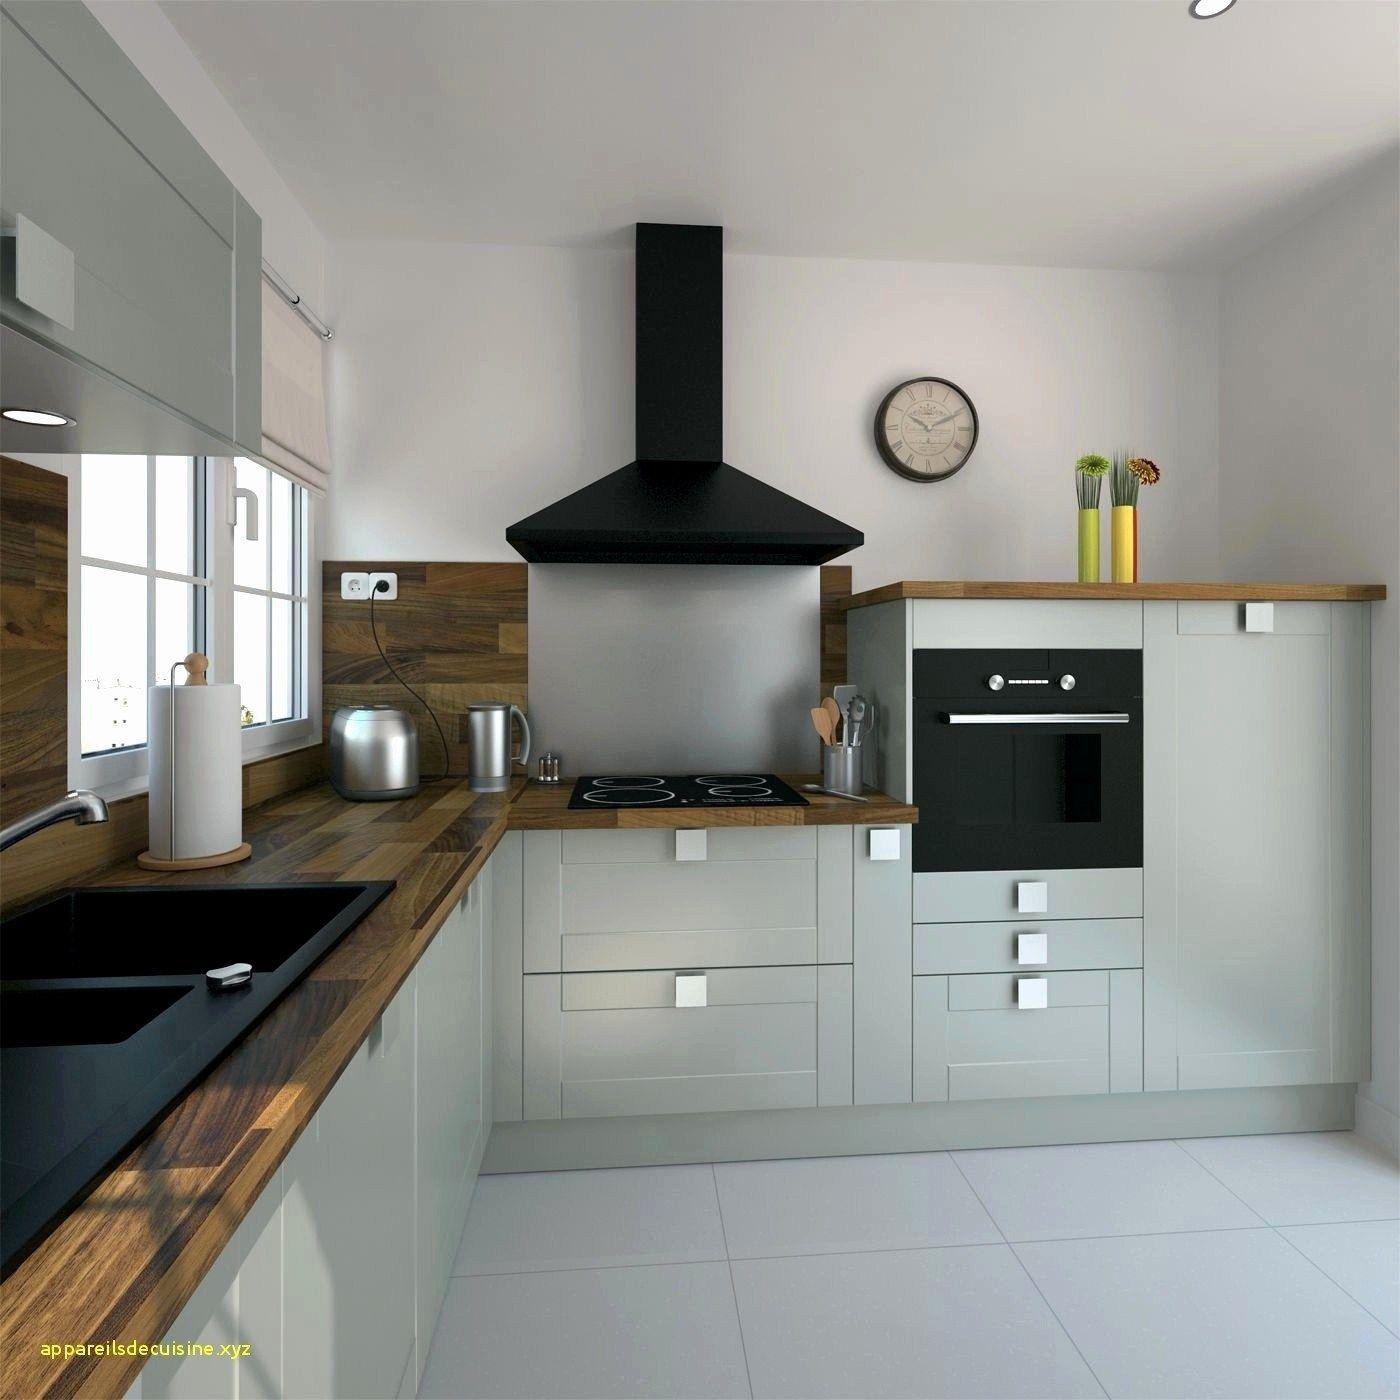 Logiciel Gratuit Pour Plan De Maison 2d 32 Logiciel Gratuit Pour Plan De Maison 2d Logiciel De Dessin 2d Gratuit Pour Home Kitchens Kitchen Interior House Design